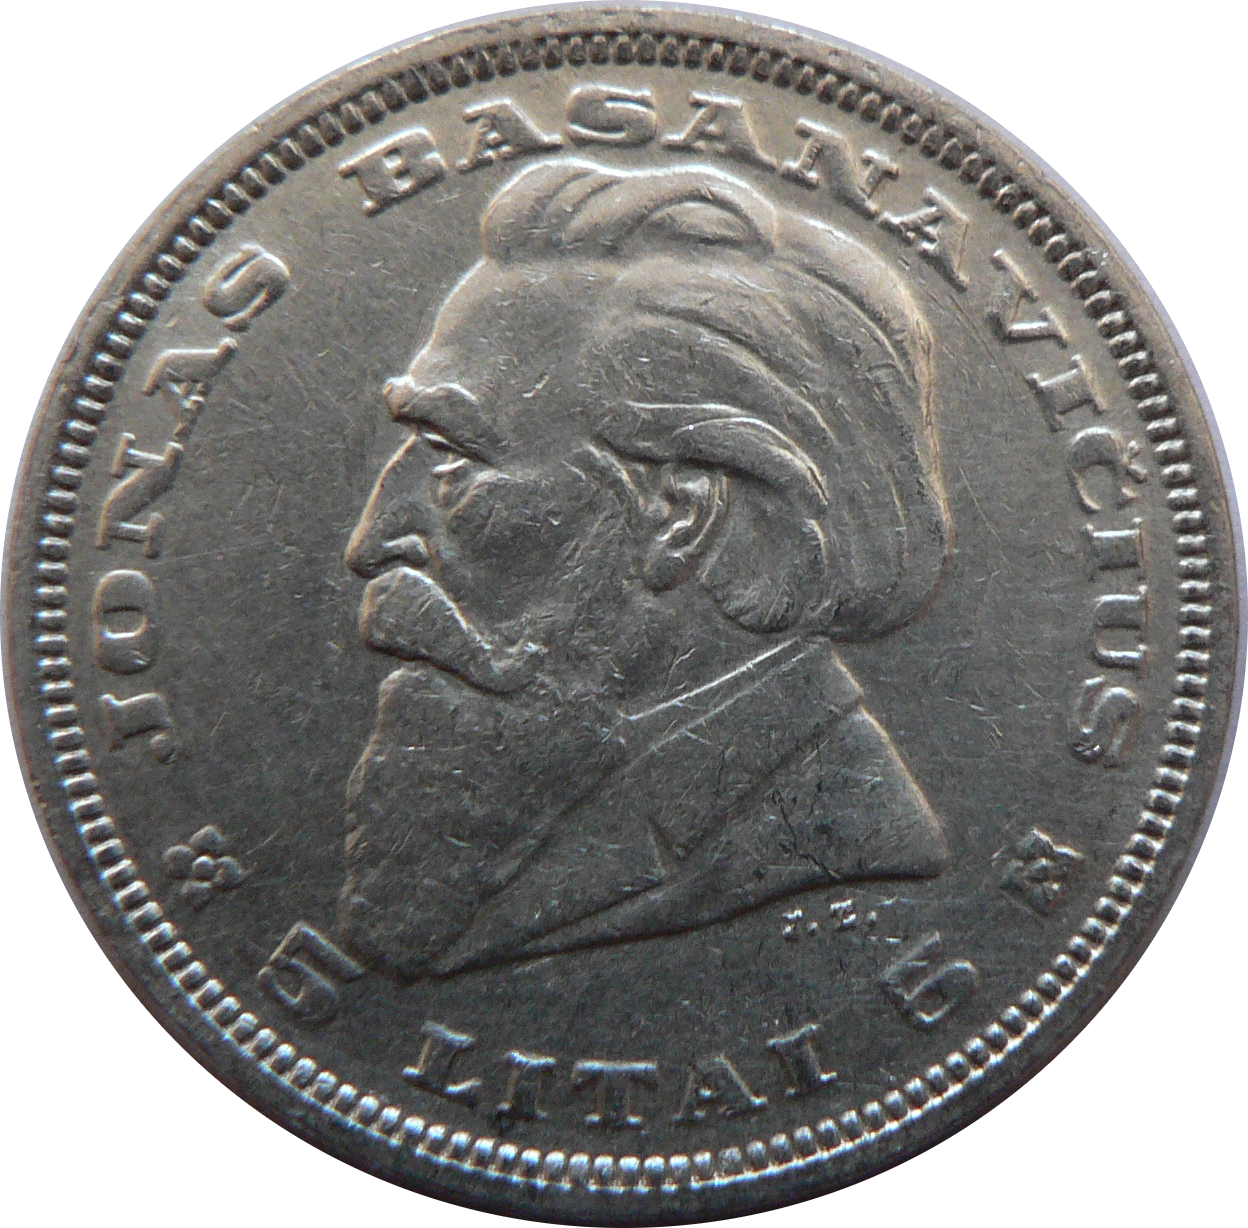 куда сдать 10 рублевые юбилейные монеты